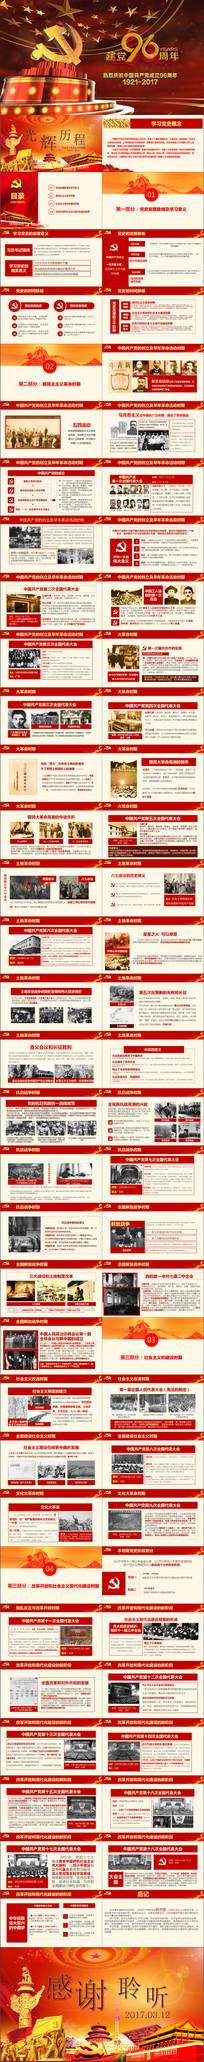 光辉的建党96年党史PPT